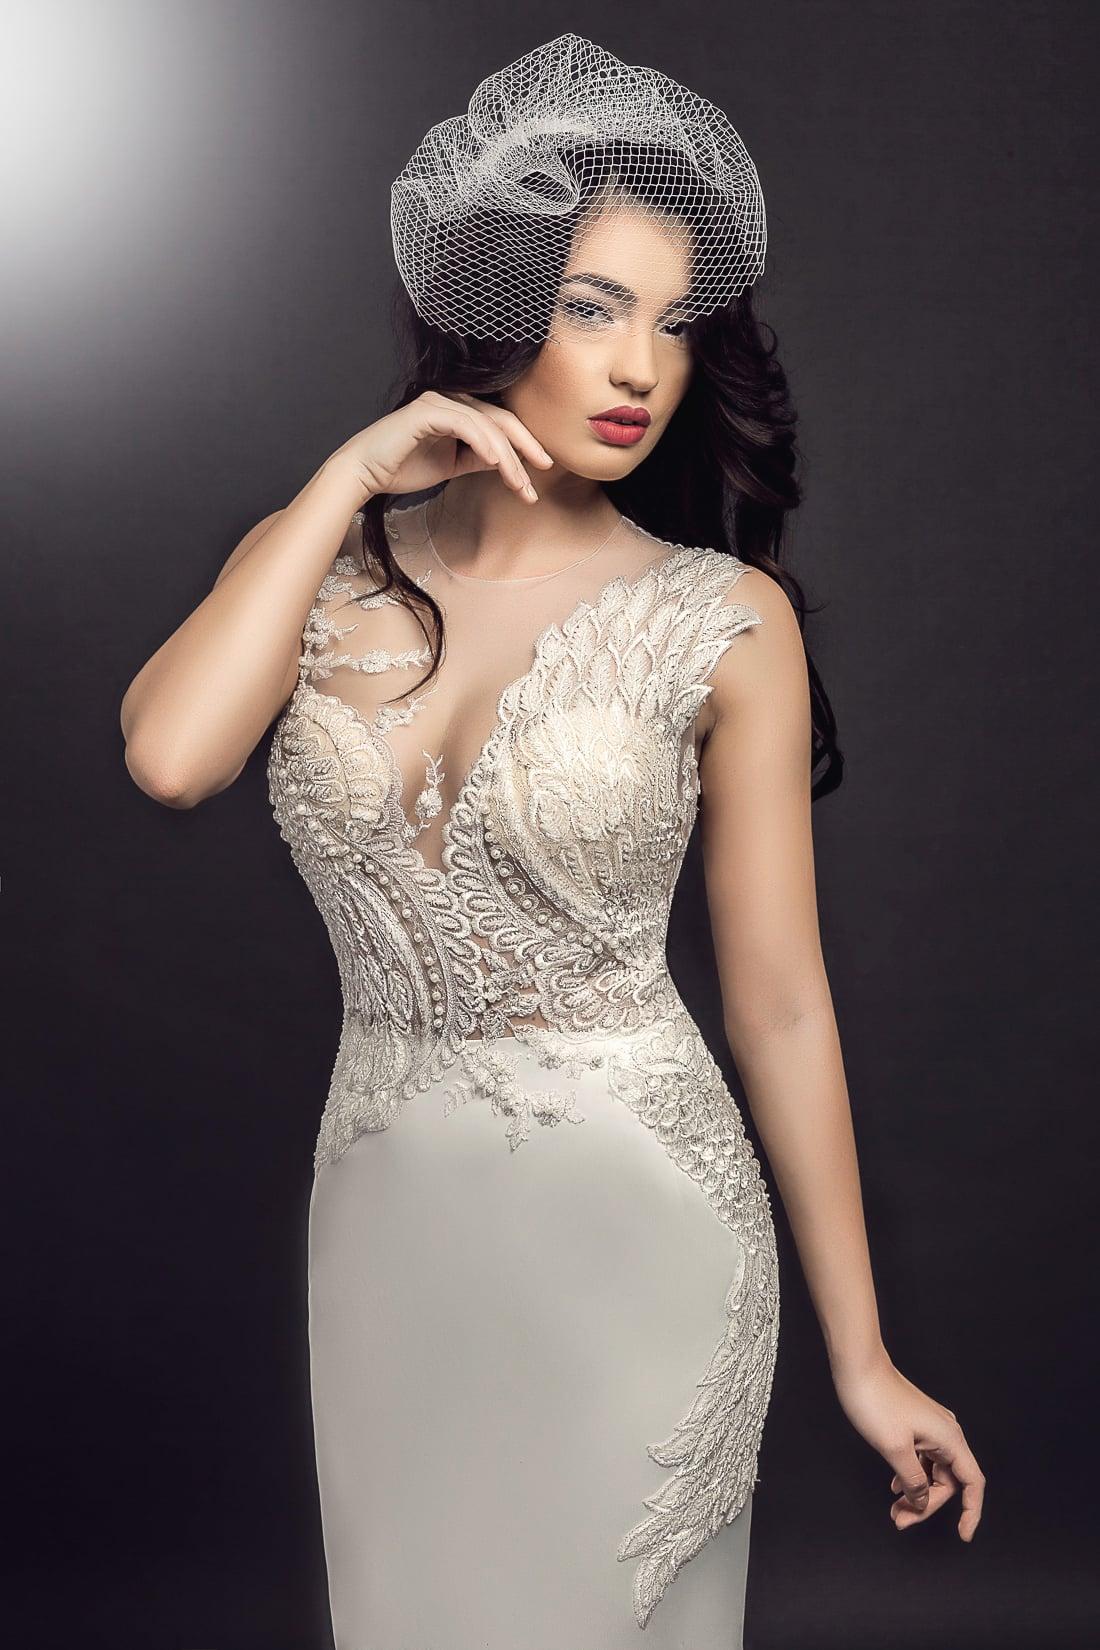 Rochie de mireasa Phoenix Model - Colectia Dreams - Adora Sposa (3)